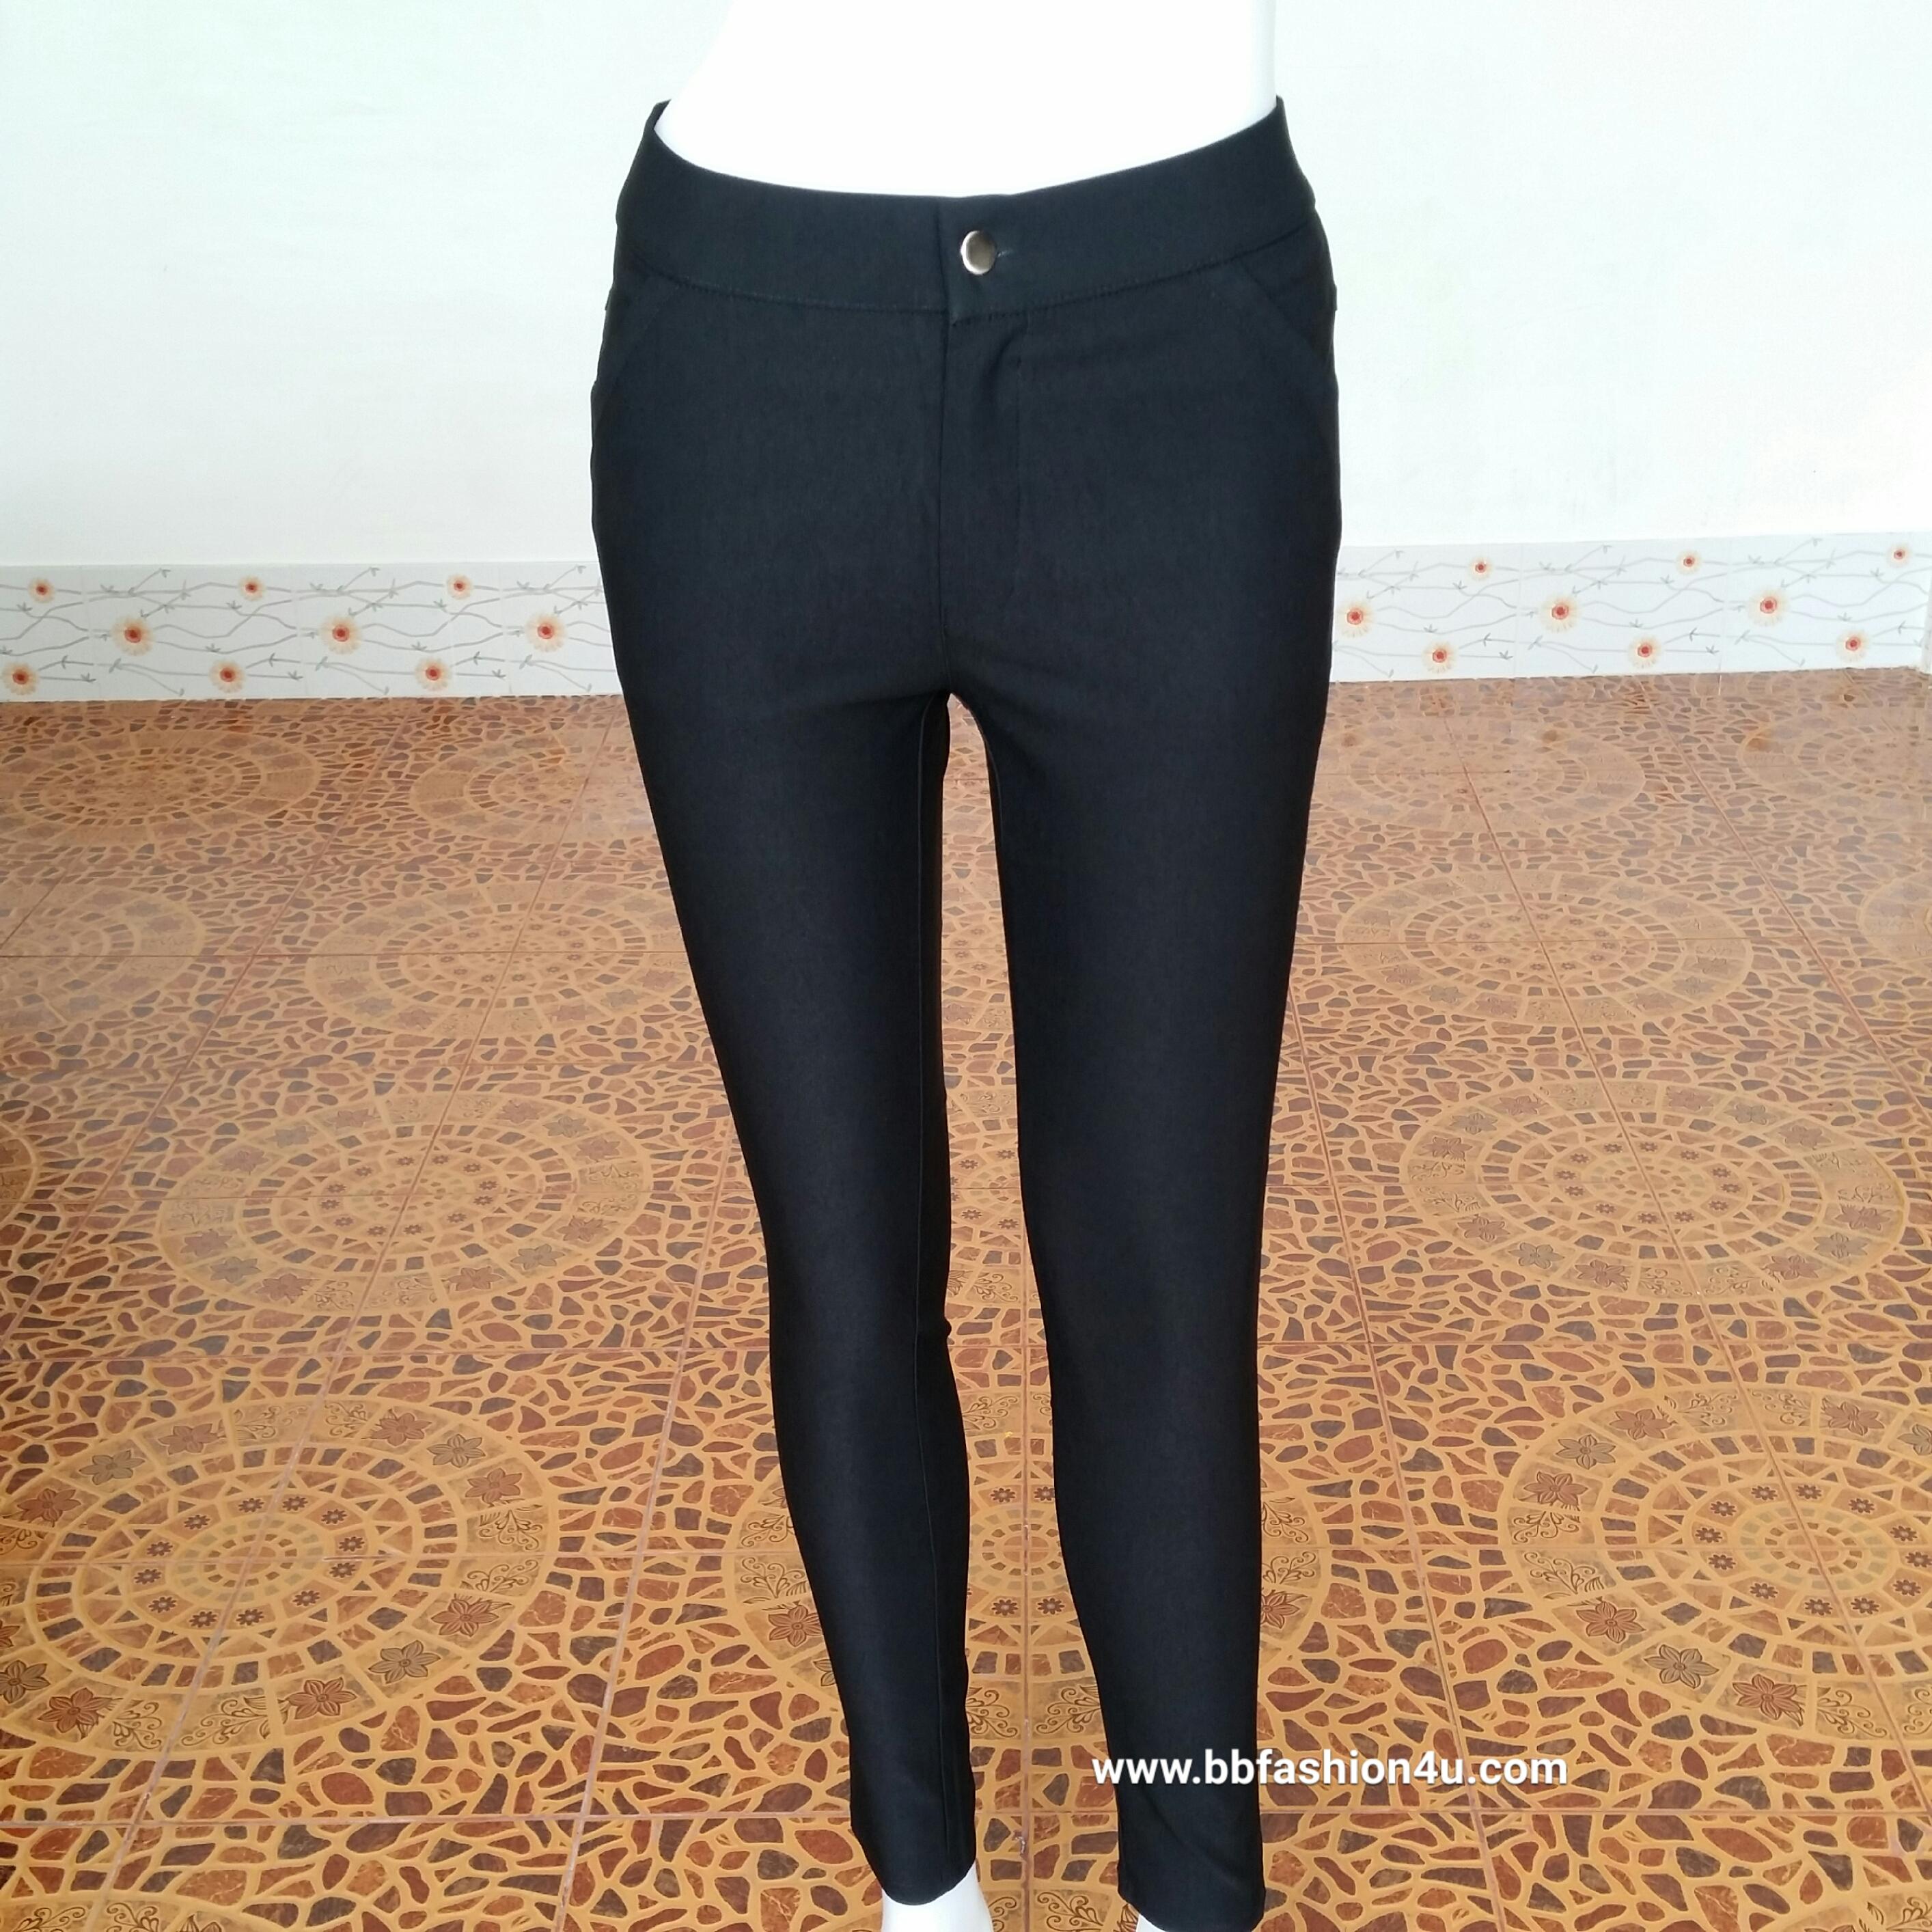 กางเกงสกินนี่(skinny) เนื้อดีไม่เป็นขนหลังใช้ # L สีดำ